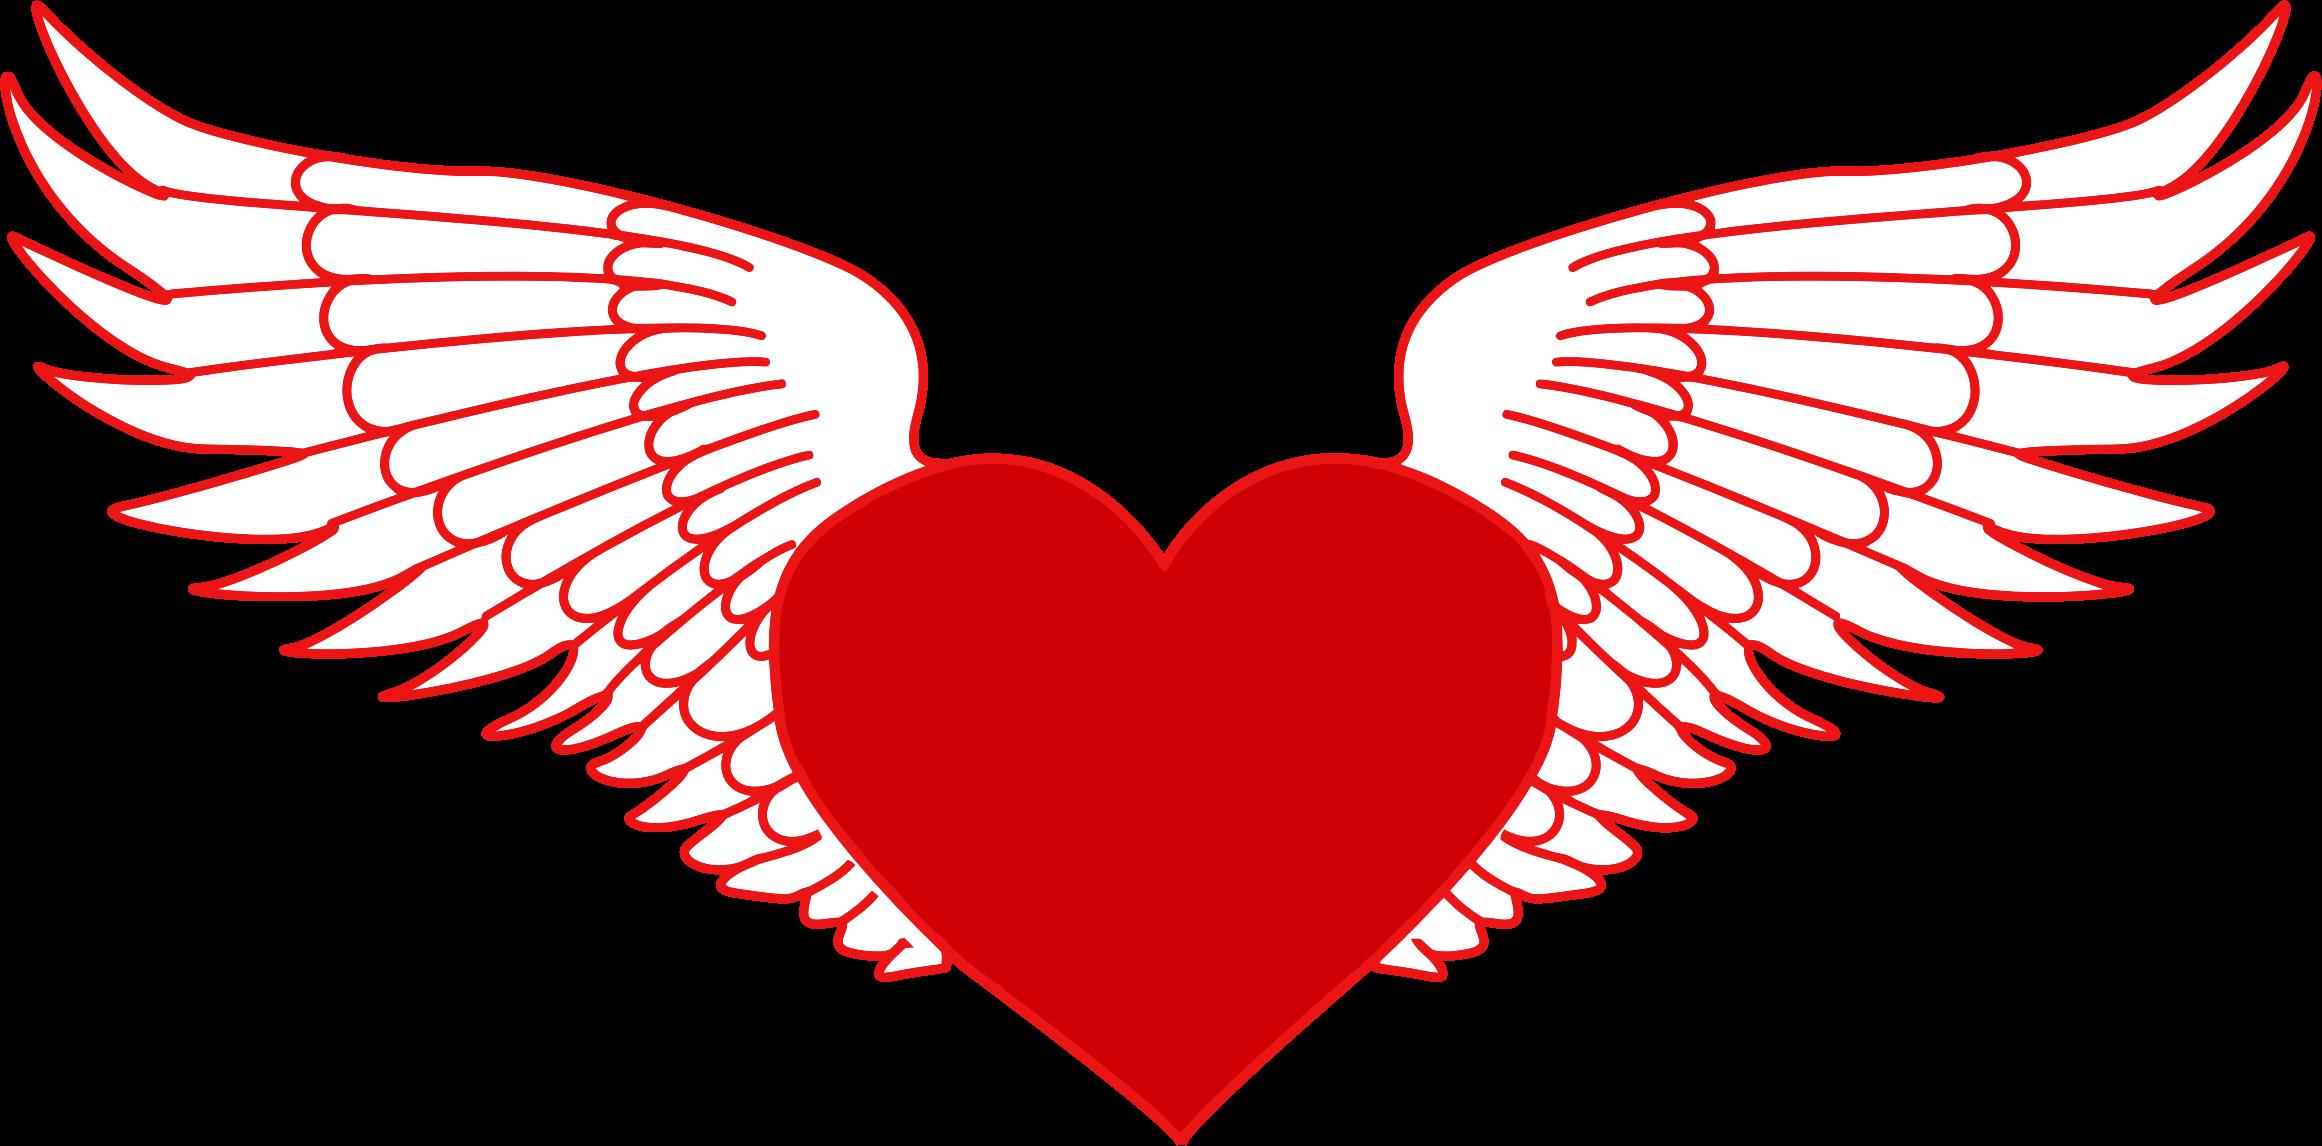 Flying Heart Clip Art.